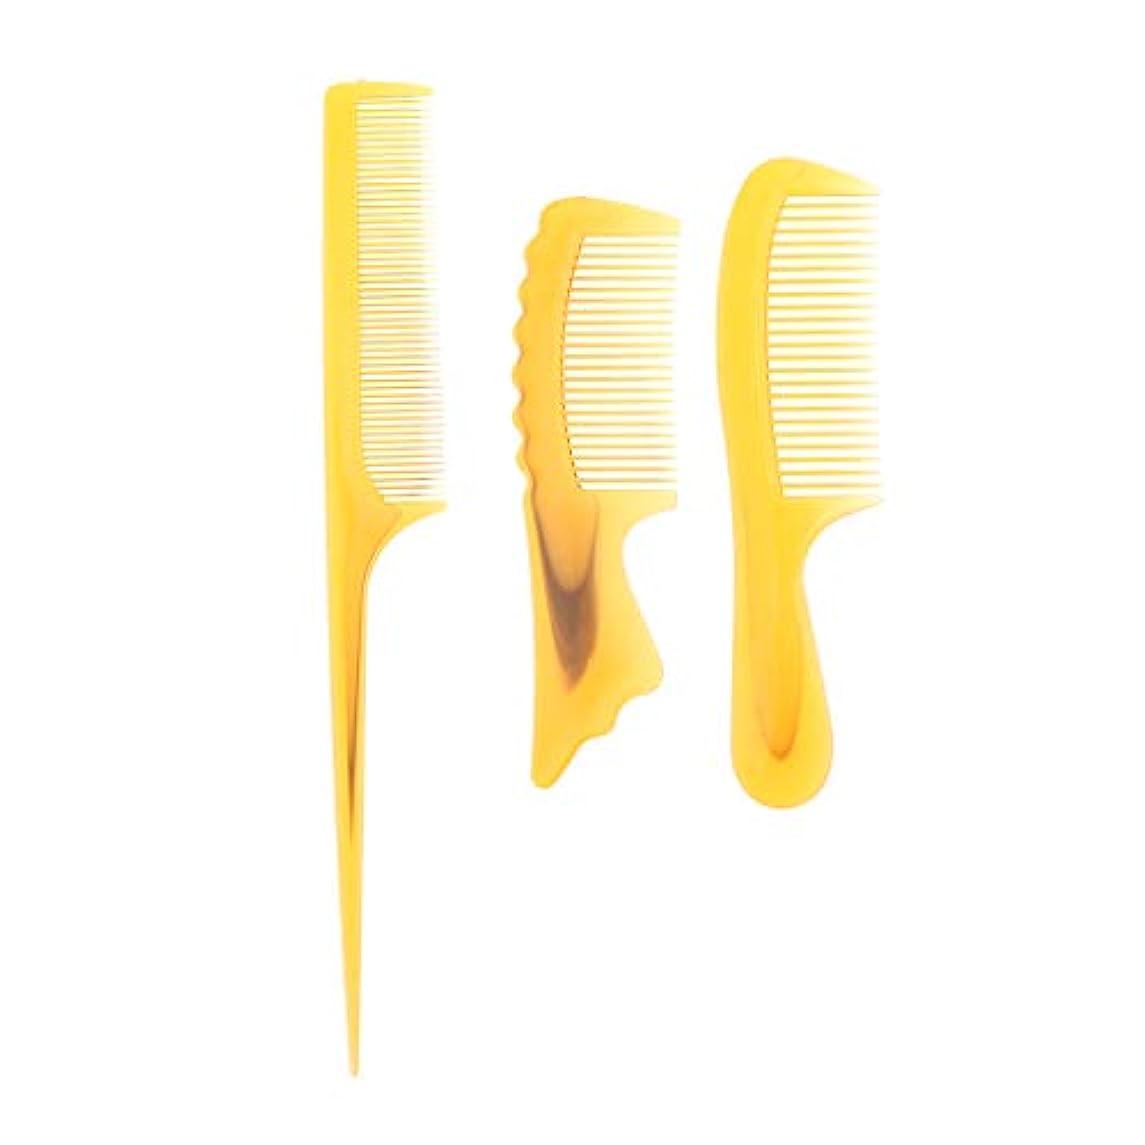 発明する縫い目最後にB Baosity 3個 ヘアコーム 静電防止櫛 コーム 理髪 美容師 ヘアケア